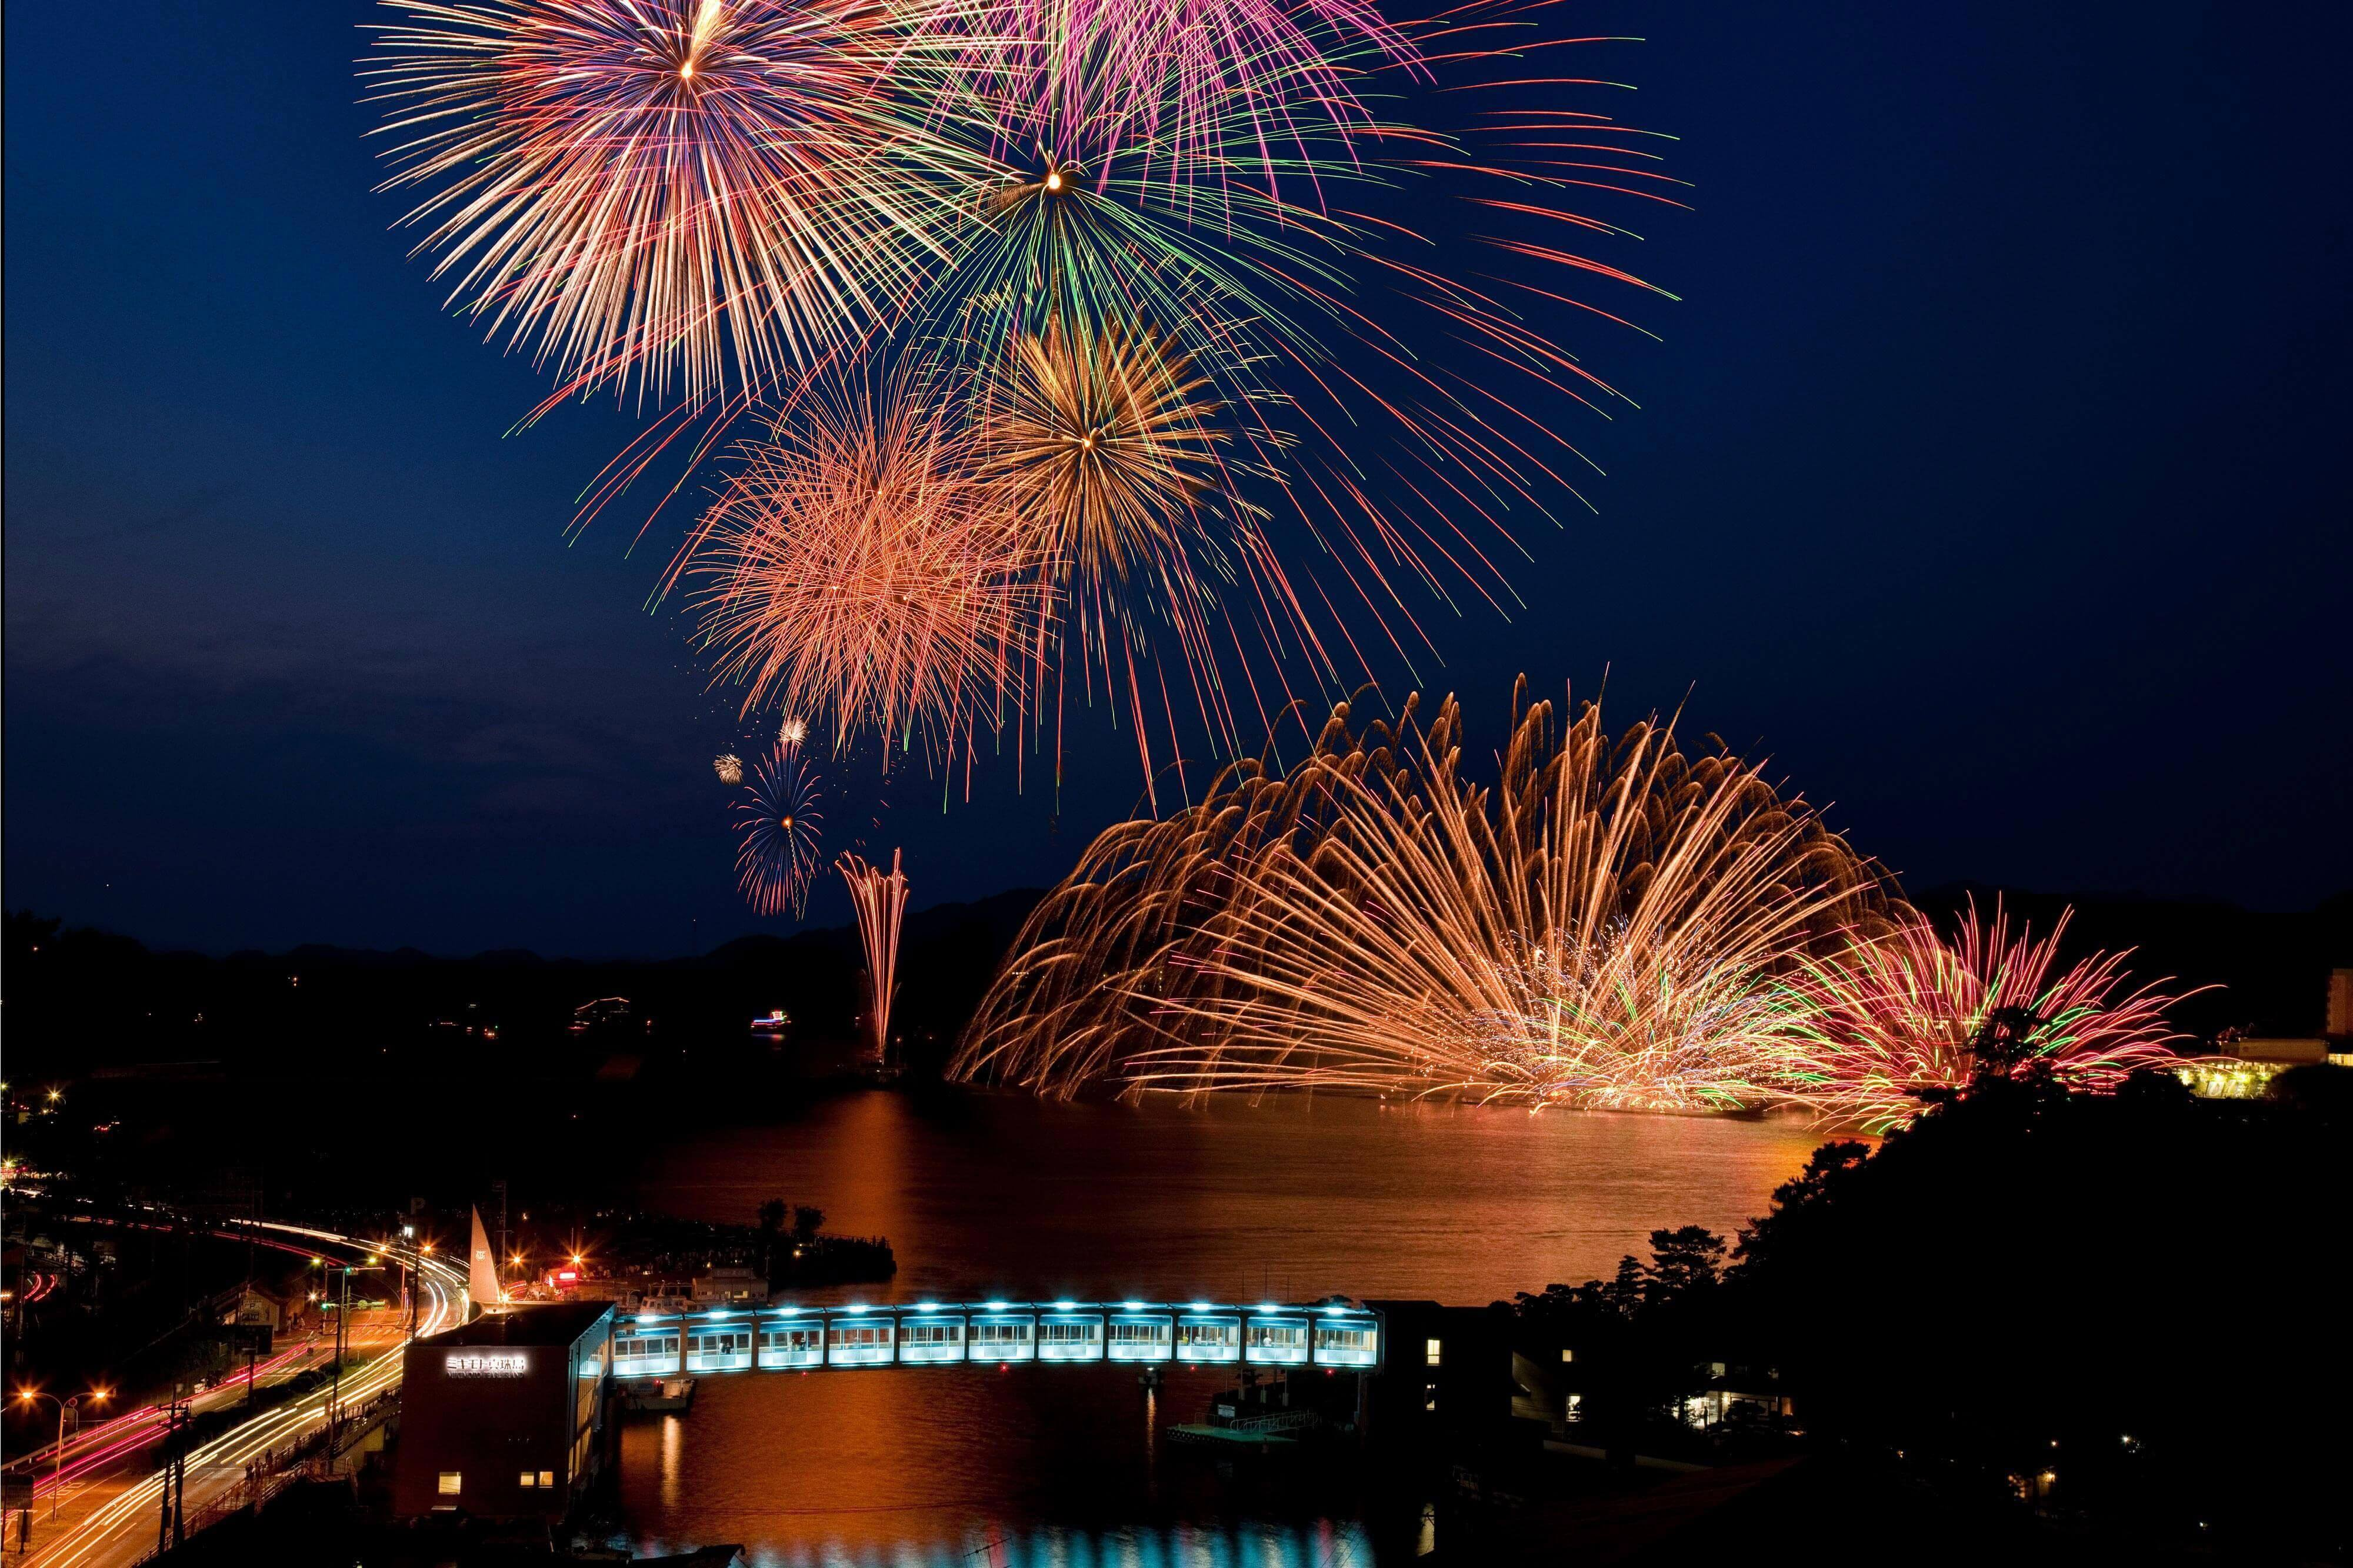 とばる 三重県鳥羽市で仕事も休暇も楽しもう。ワーケーション施設やイベント、観光スポットをご紹介します